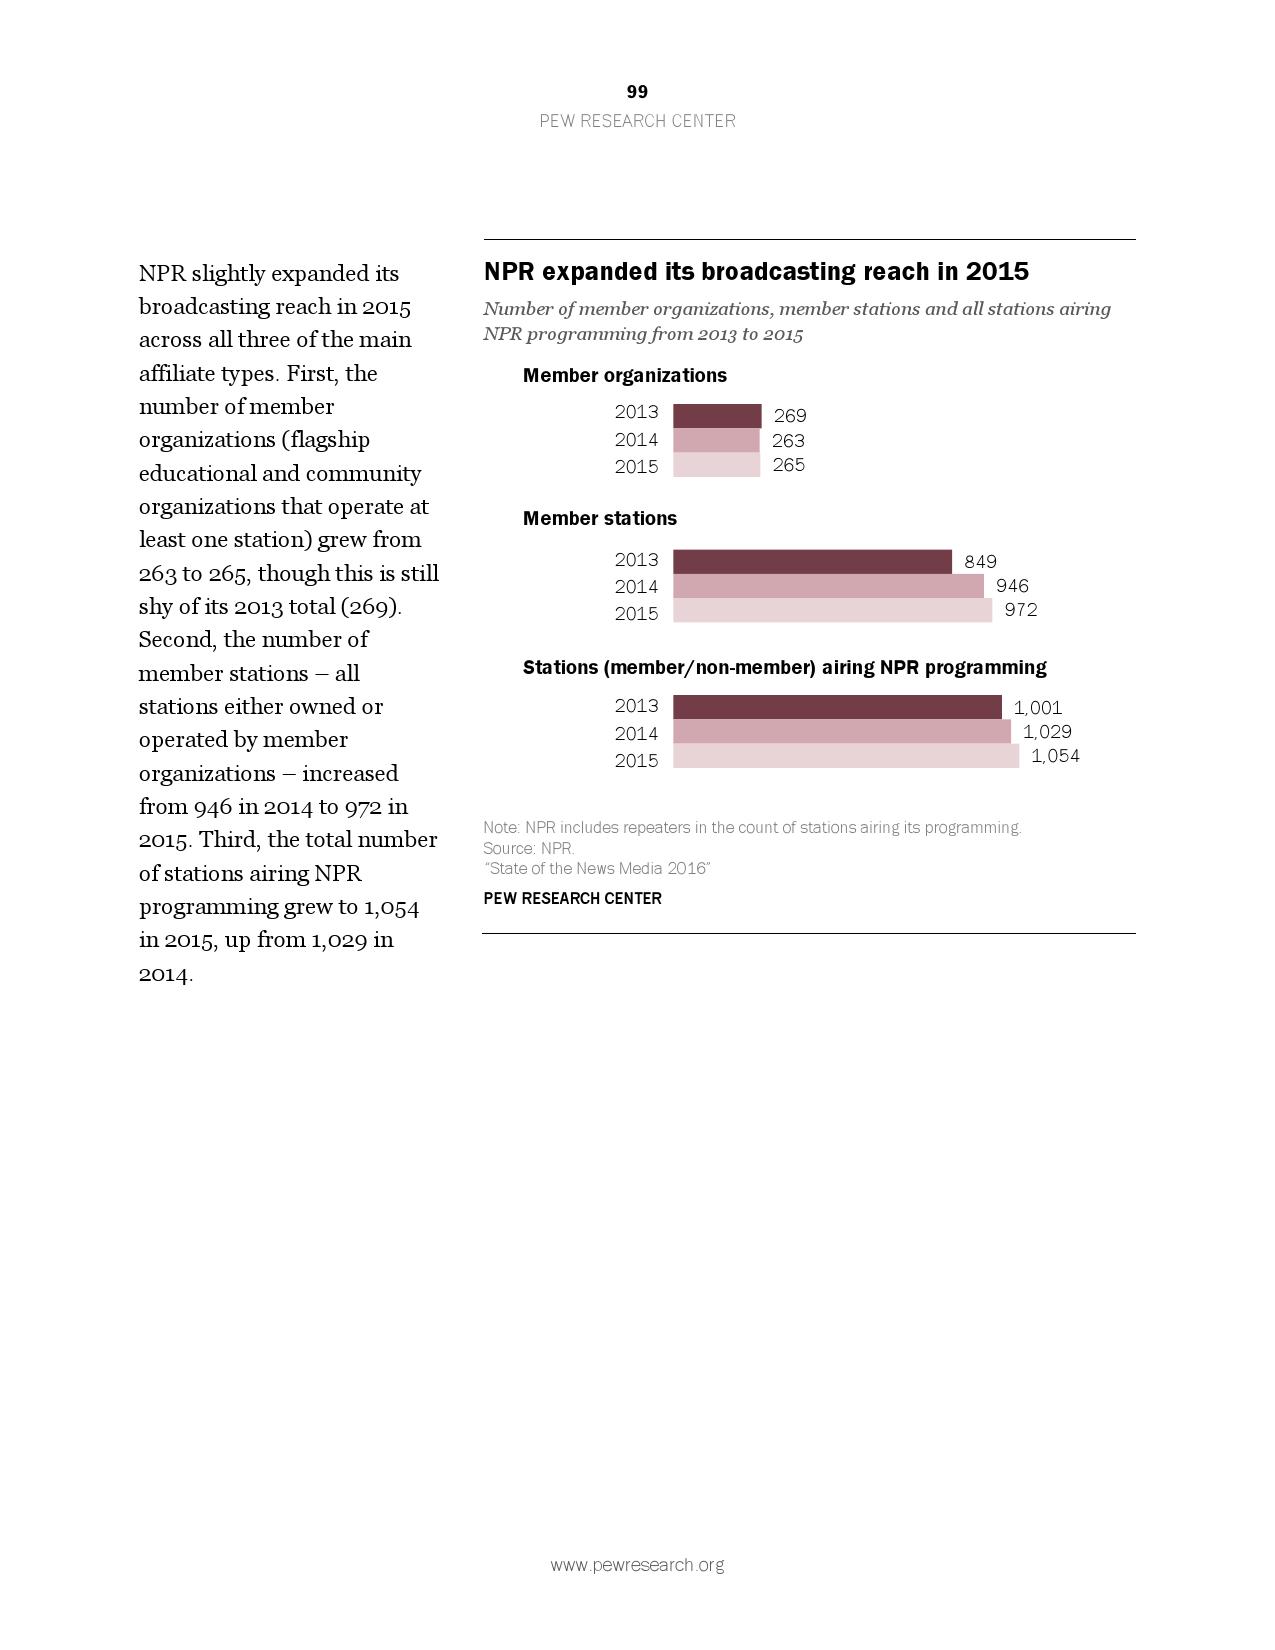 2016美国新媒体研究报告_000099